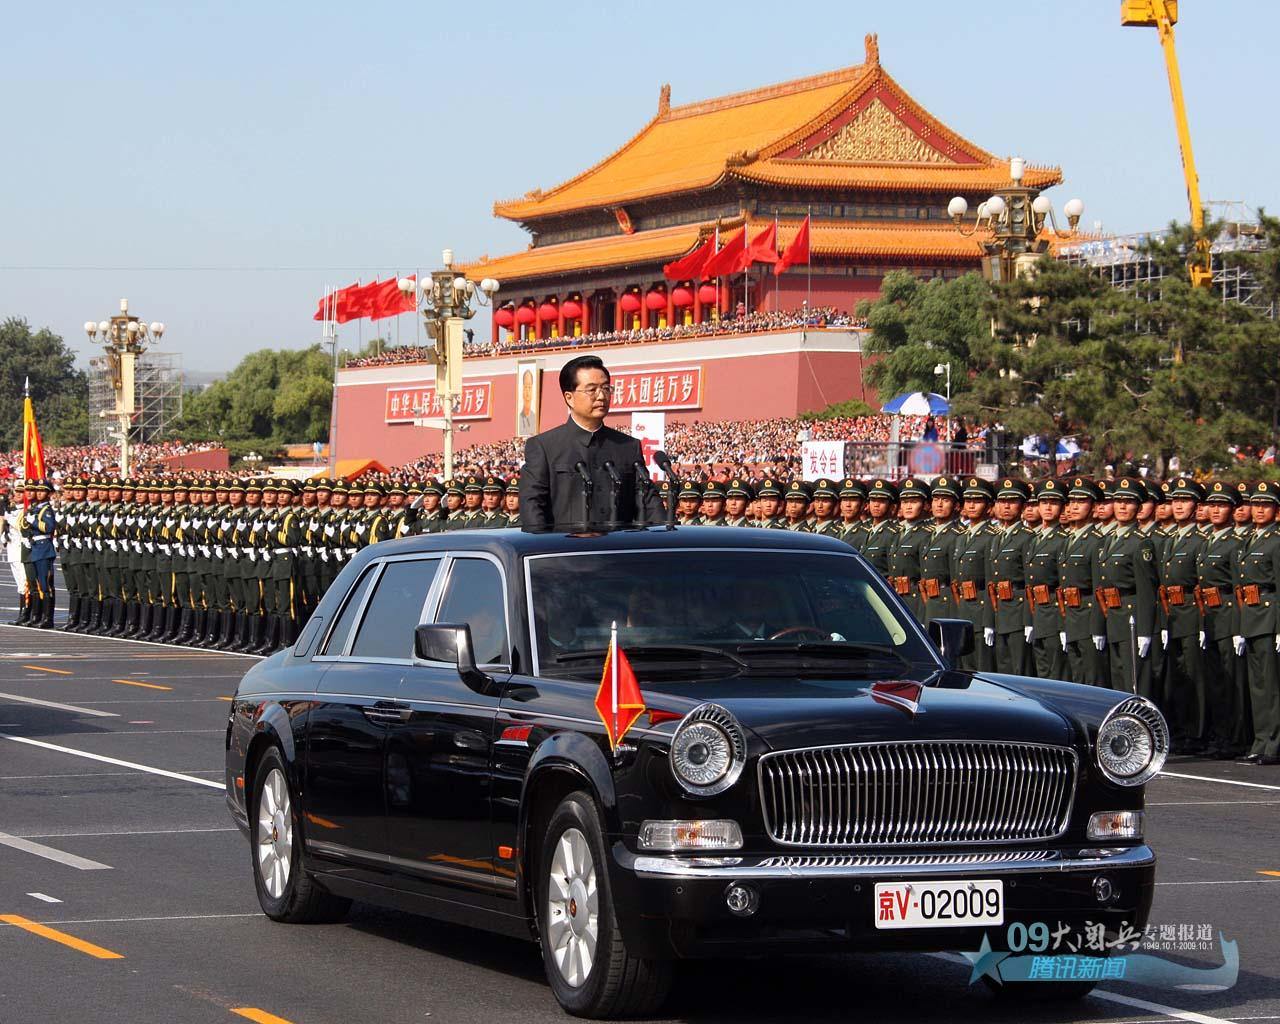 中国六十年 - 凡子 - 宇宙易景